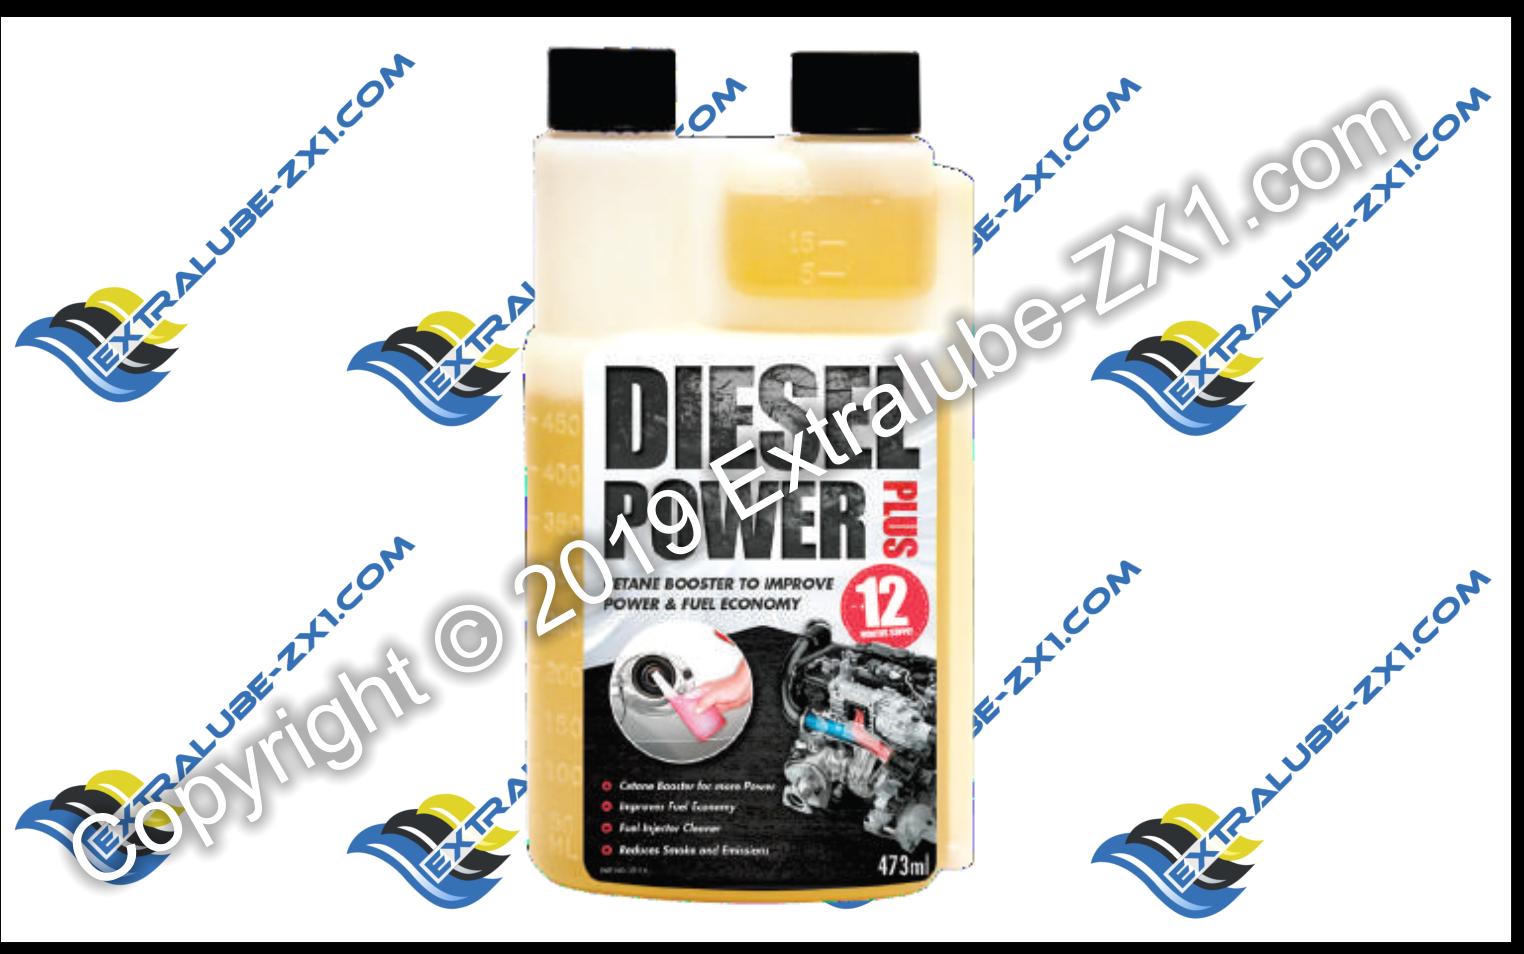 Diesel Power Plus